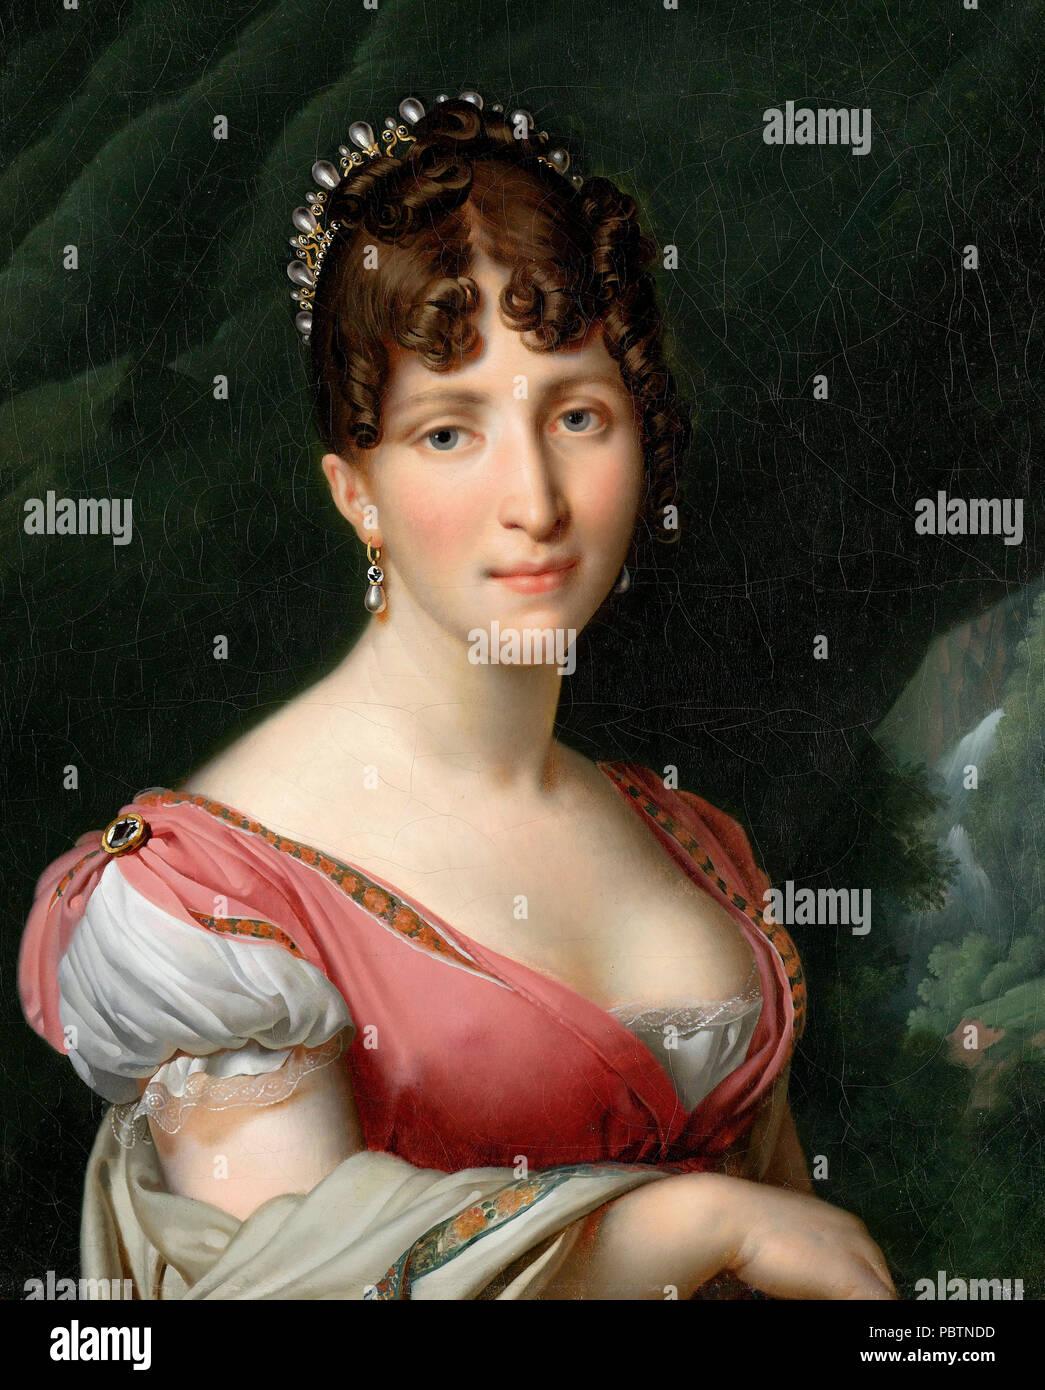 Portrait d'Hortense de Beauharnais, Reine de Hollande, épouse du roi Louis Napoléon. Anne-Louis Girodet de Roussy-Trioson, vers 1805 Banque D'Images